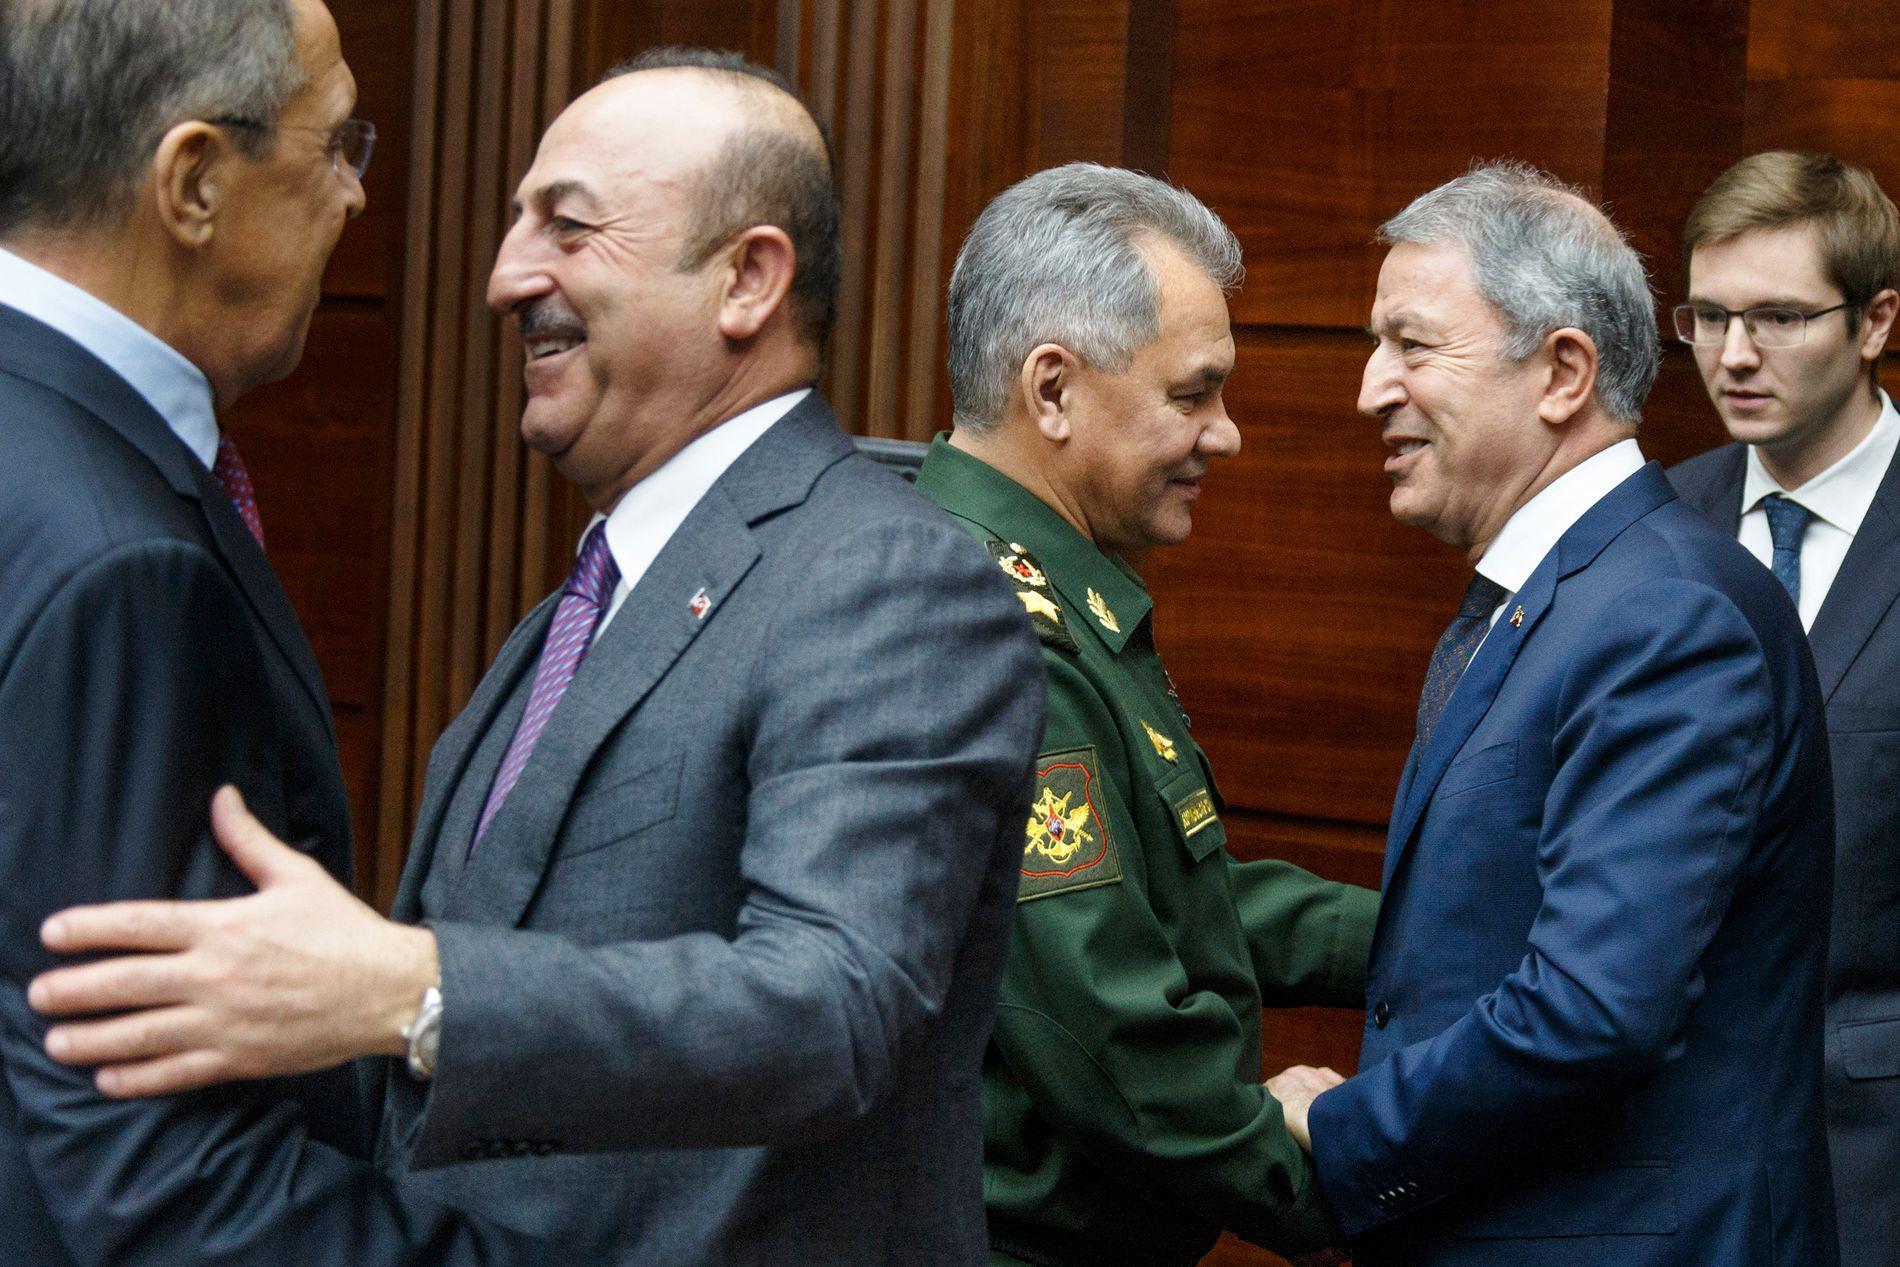 LØRDAG: Russland og Tyrkias utenriksministere Sergej Lavrov og Mevlut Cavusoglu, samt forsvarsministerne Sergej Sjoigu og Hulusi Akar møttes i Moskva lørdag.